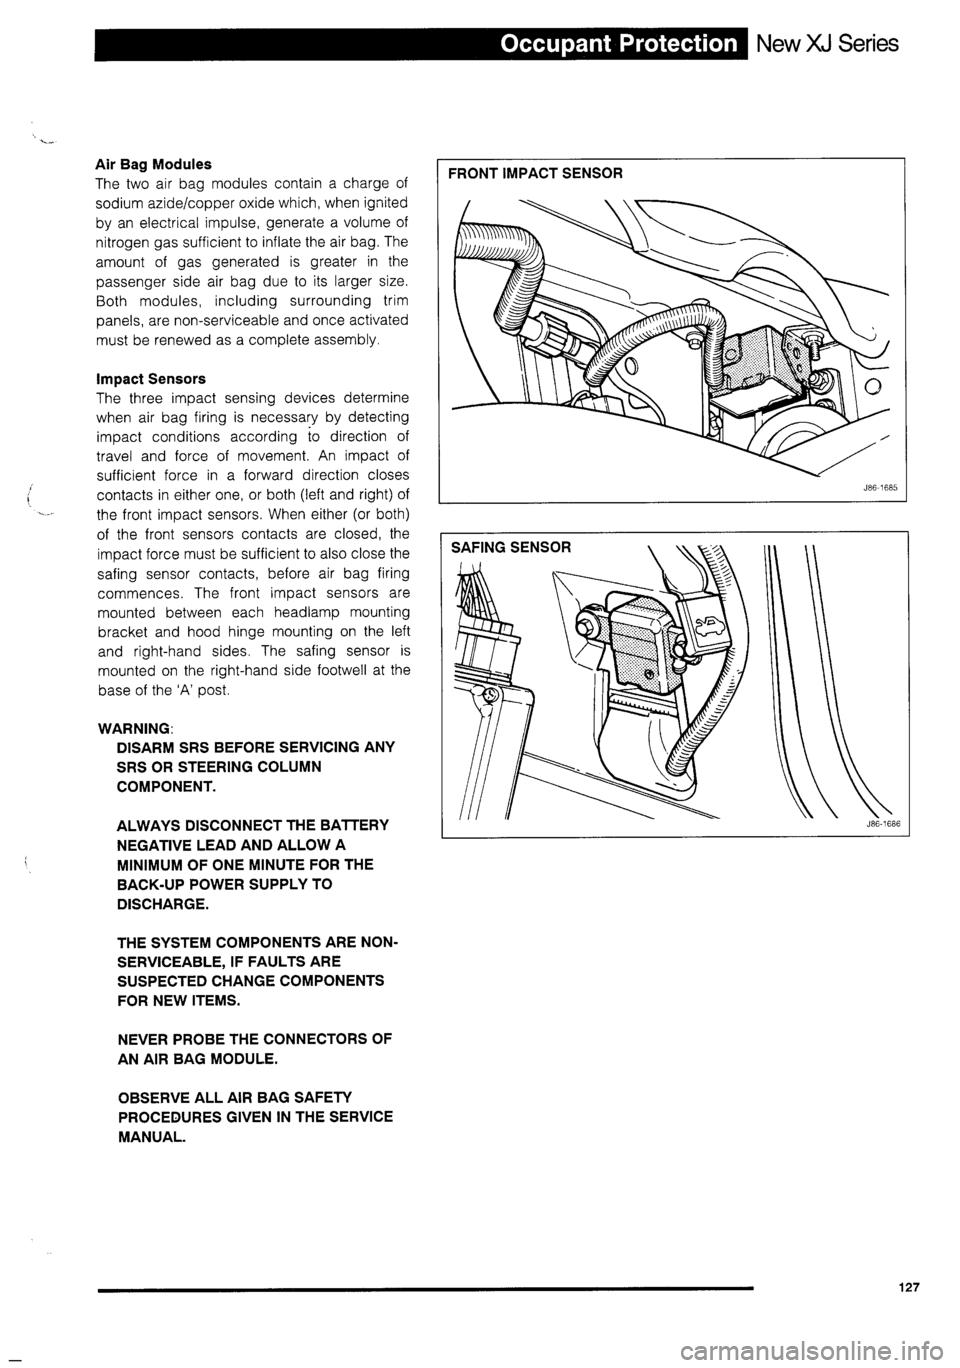 Jaguar Xf Wiring Diagram Daily Update 2012 Engine Owners Manual Diagrams 2010 2007